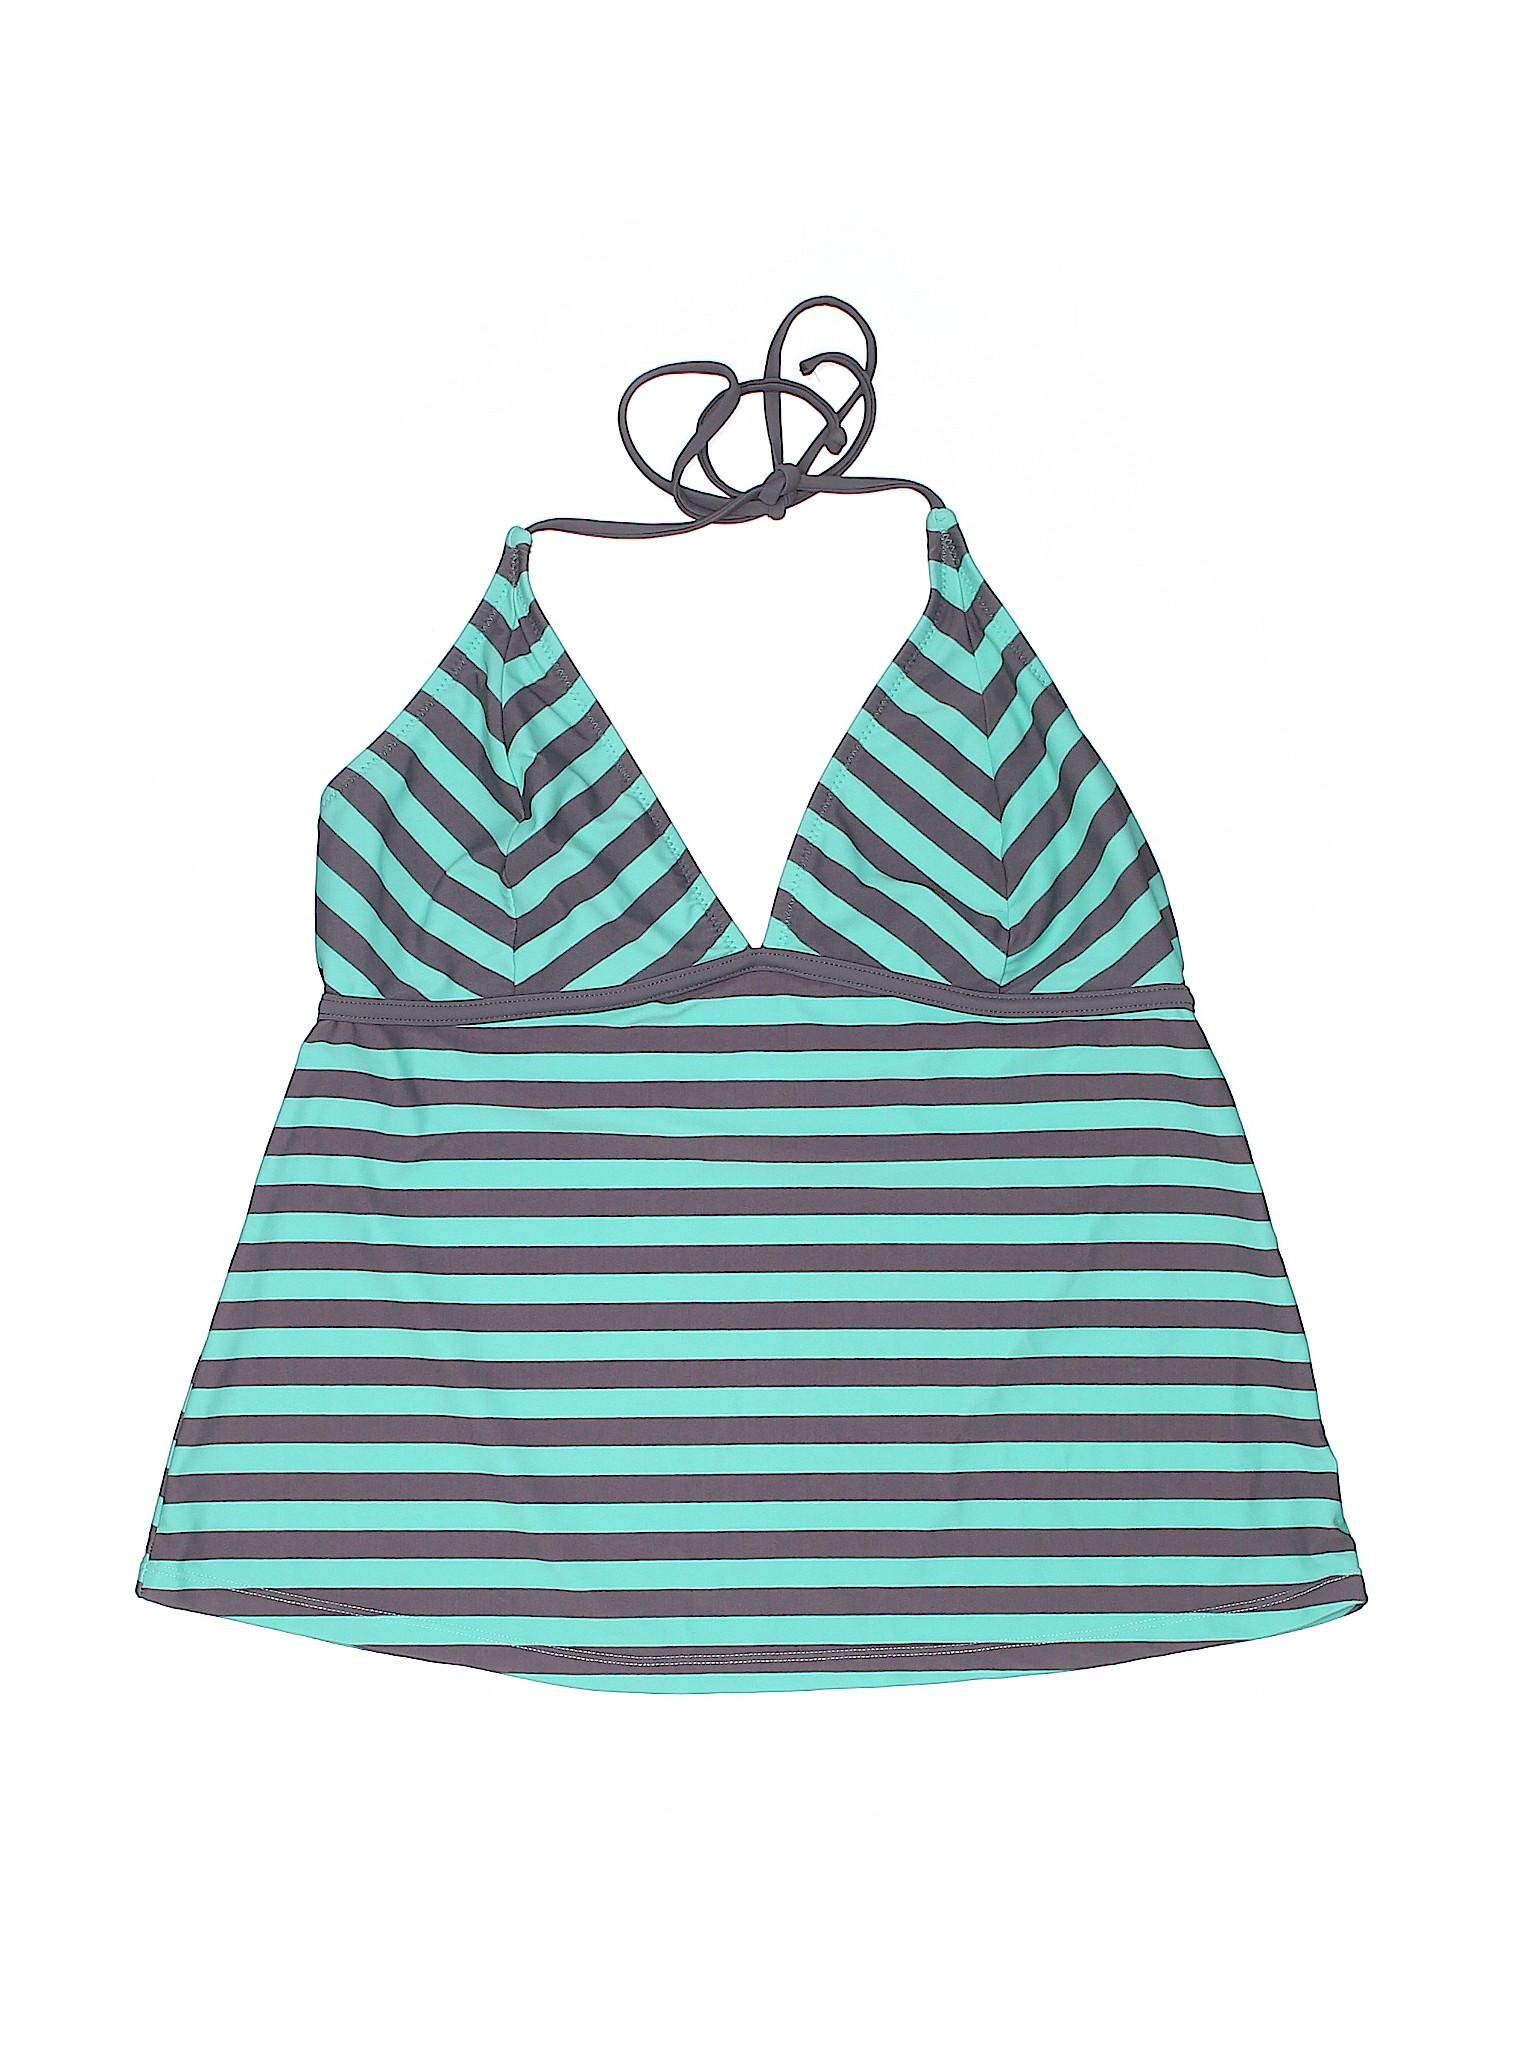 Star Swimsuit Converse Top One Boutique p8E1qTwx